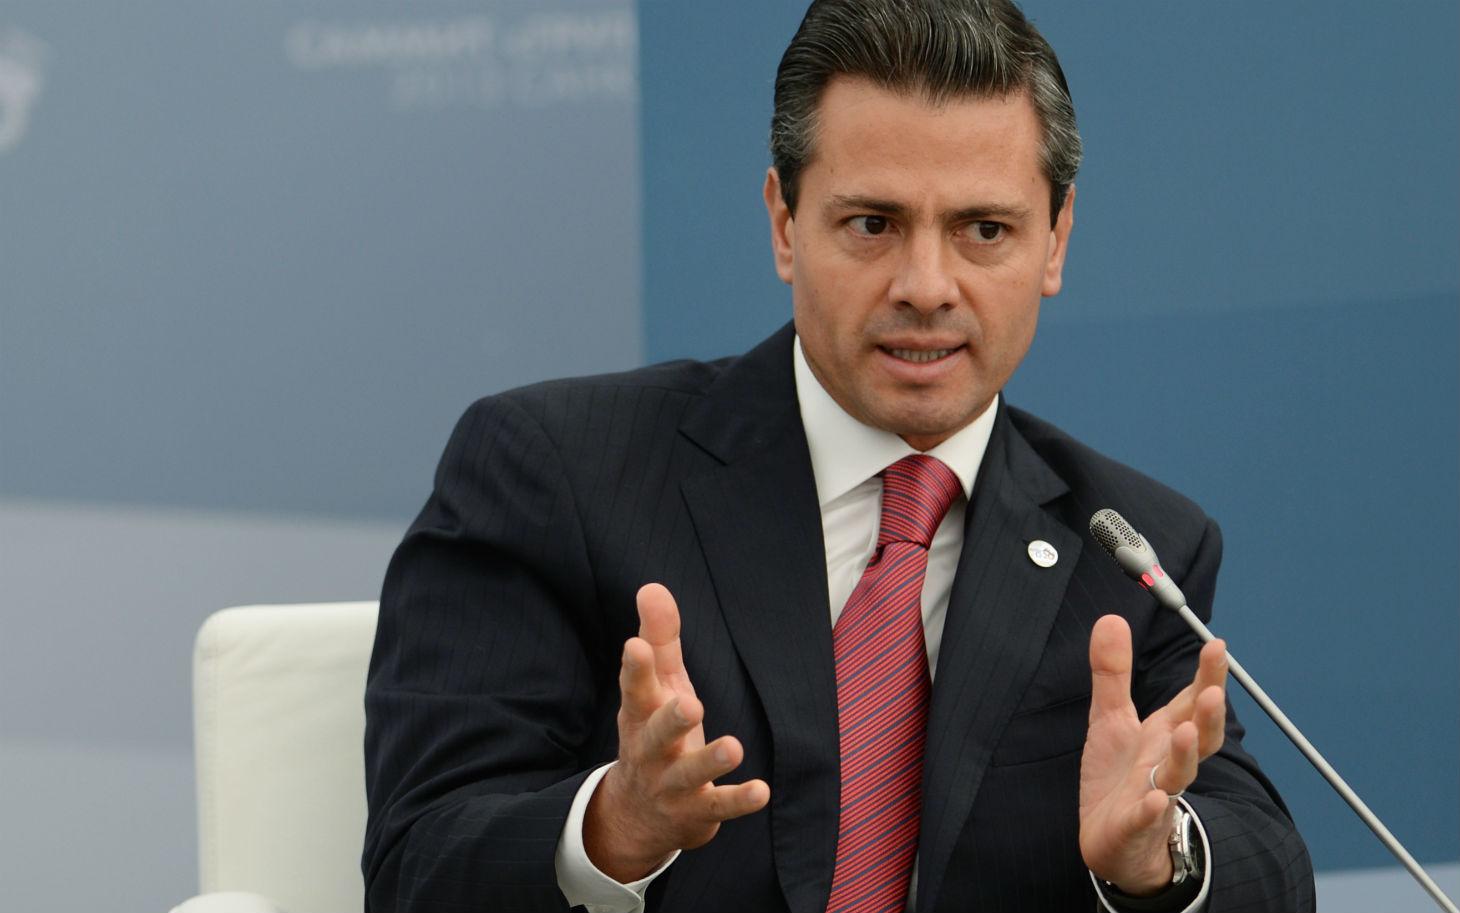 هكذا نشرت صحيفة ساخرة تصريحا لرئيس مكسيكي مزيف وهكا احتفت به الصحافة المصرية